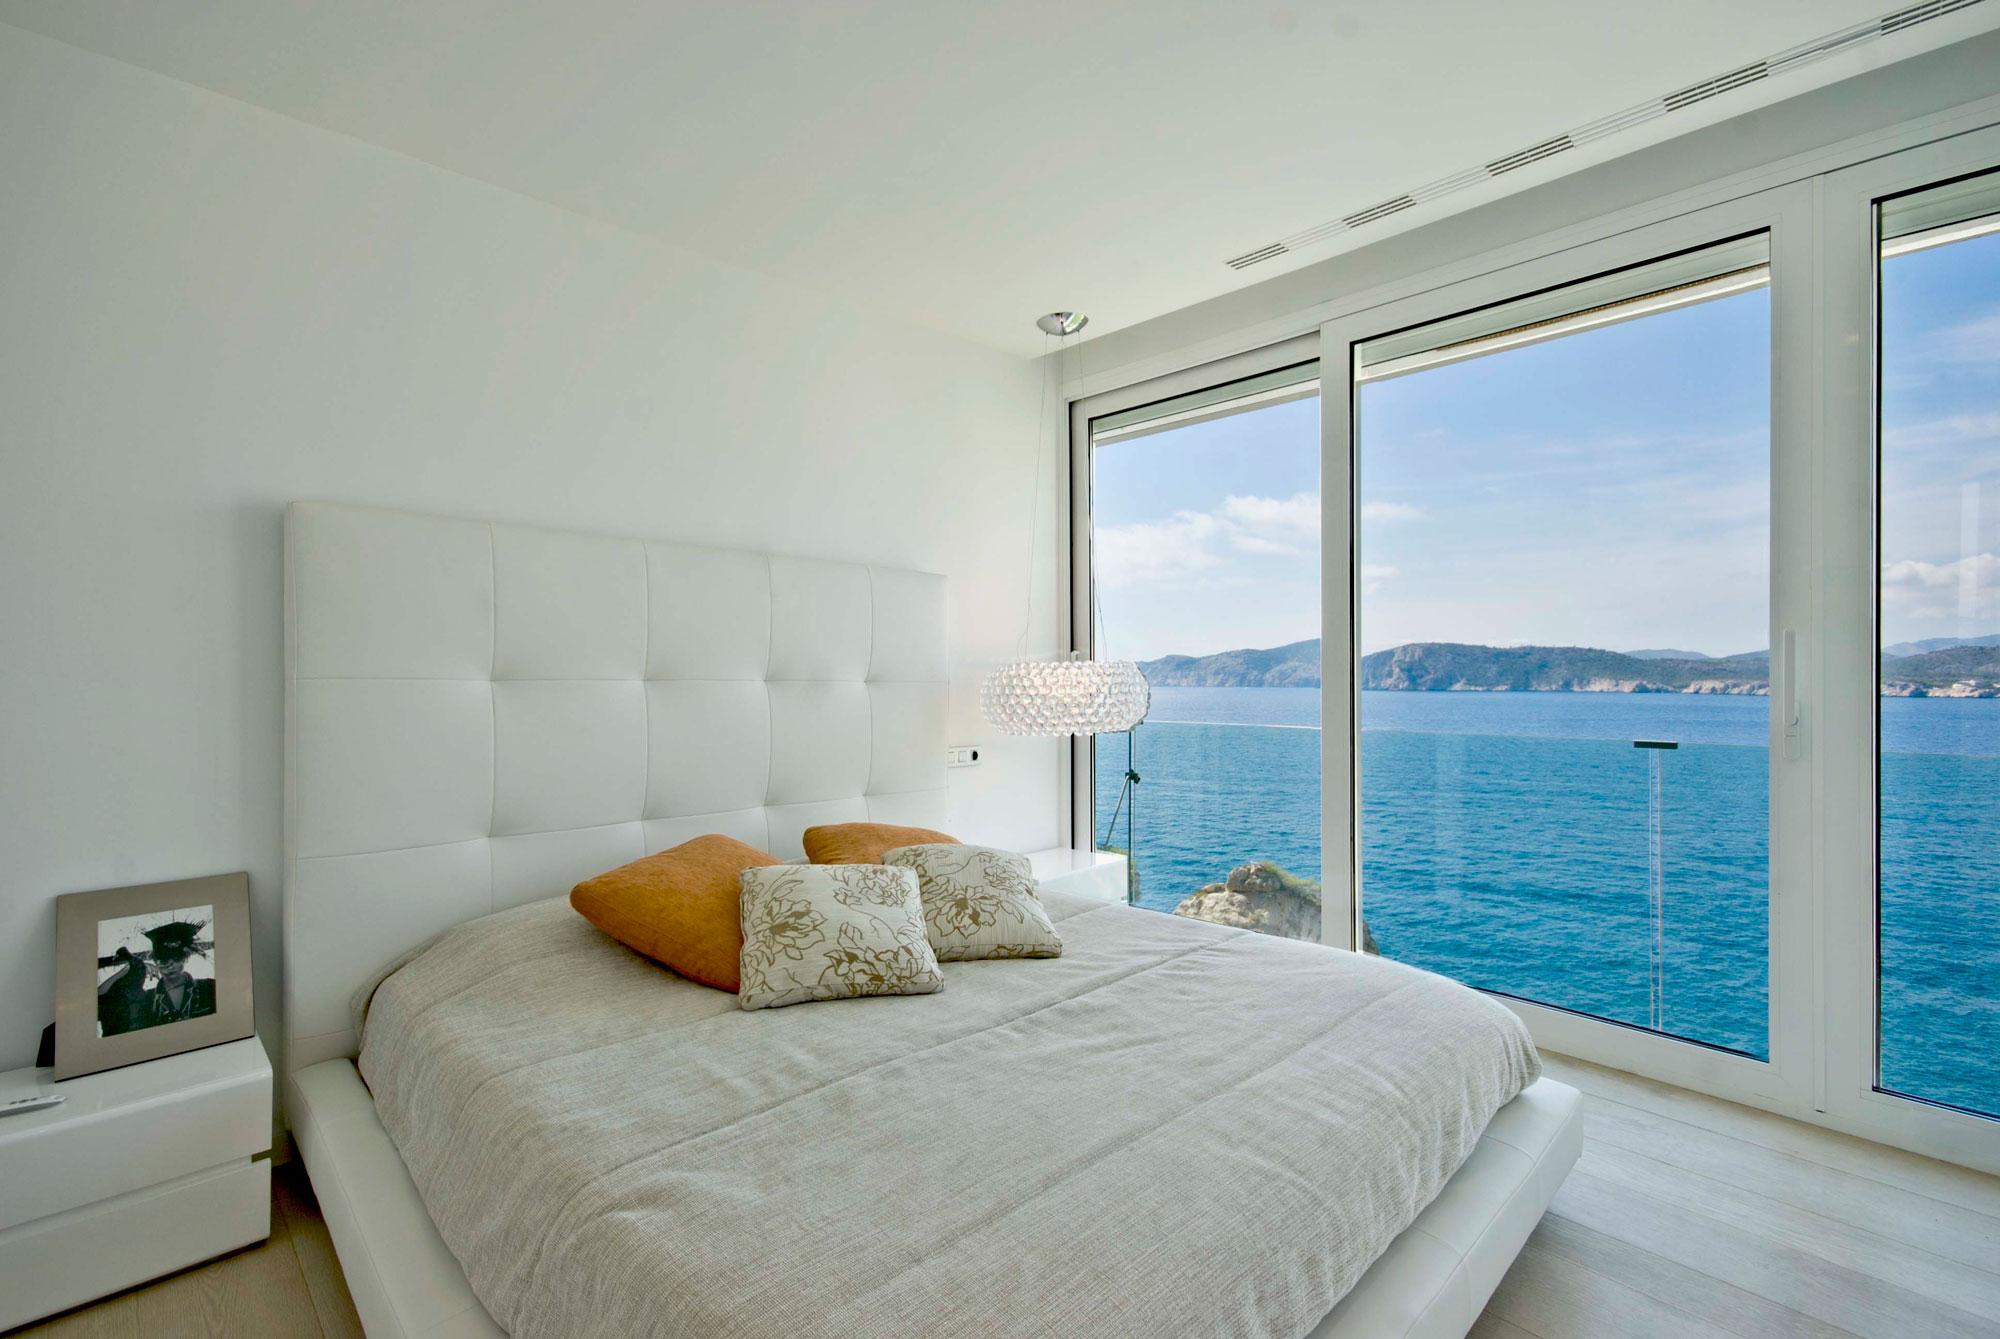 Λευκή κρεβατοκάμαρα με θέα την θάλασσα.